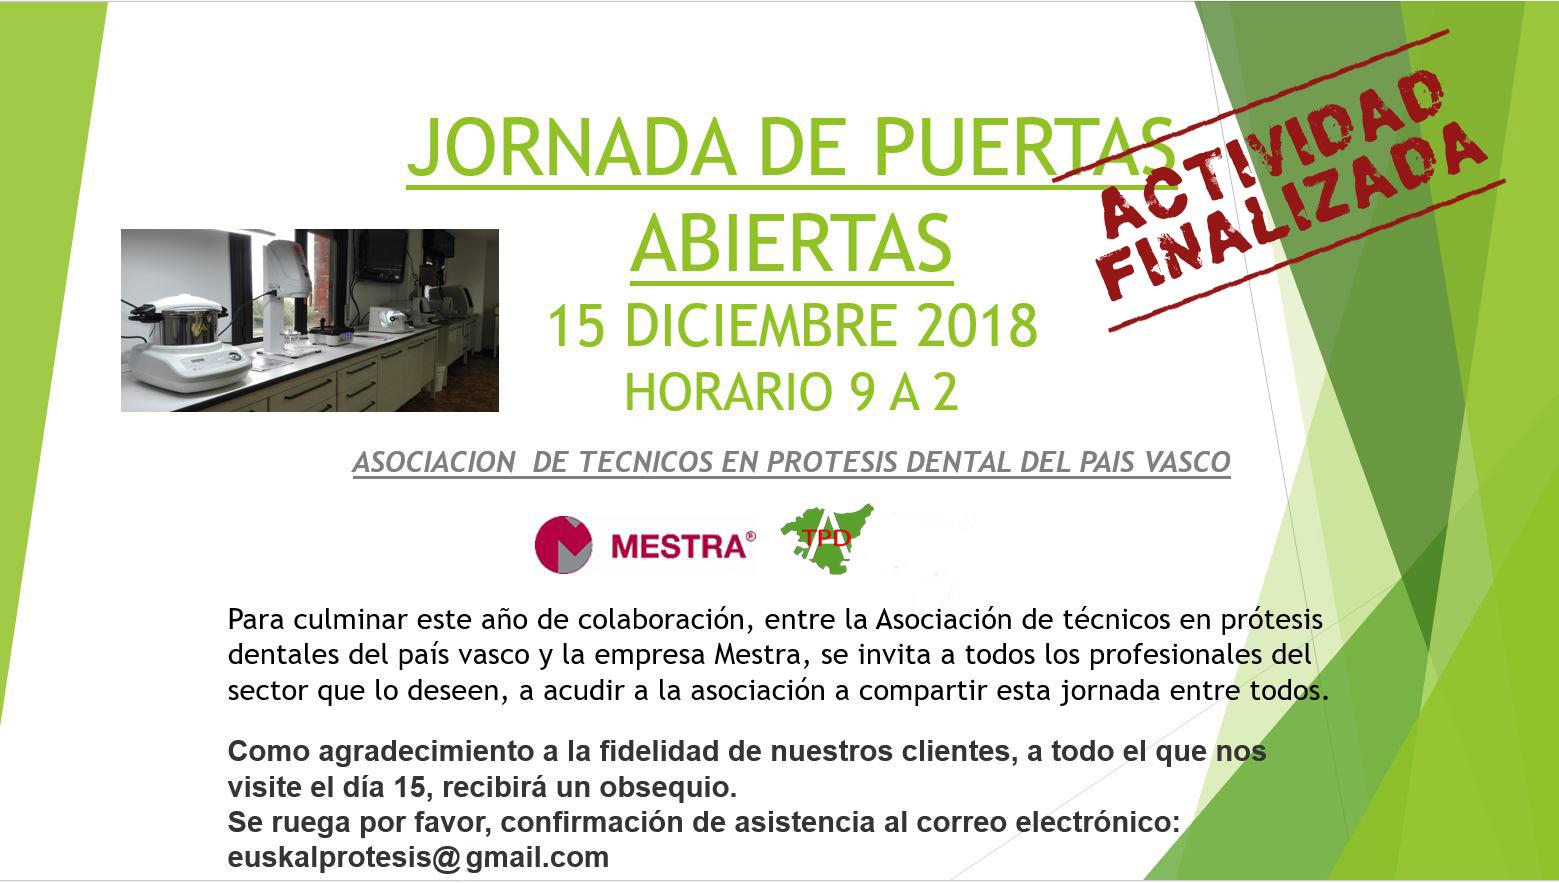 Jornada de Puertas Abiertas Mestra 15 de diciembre de 2018